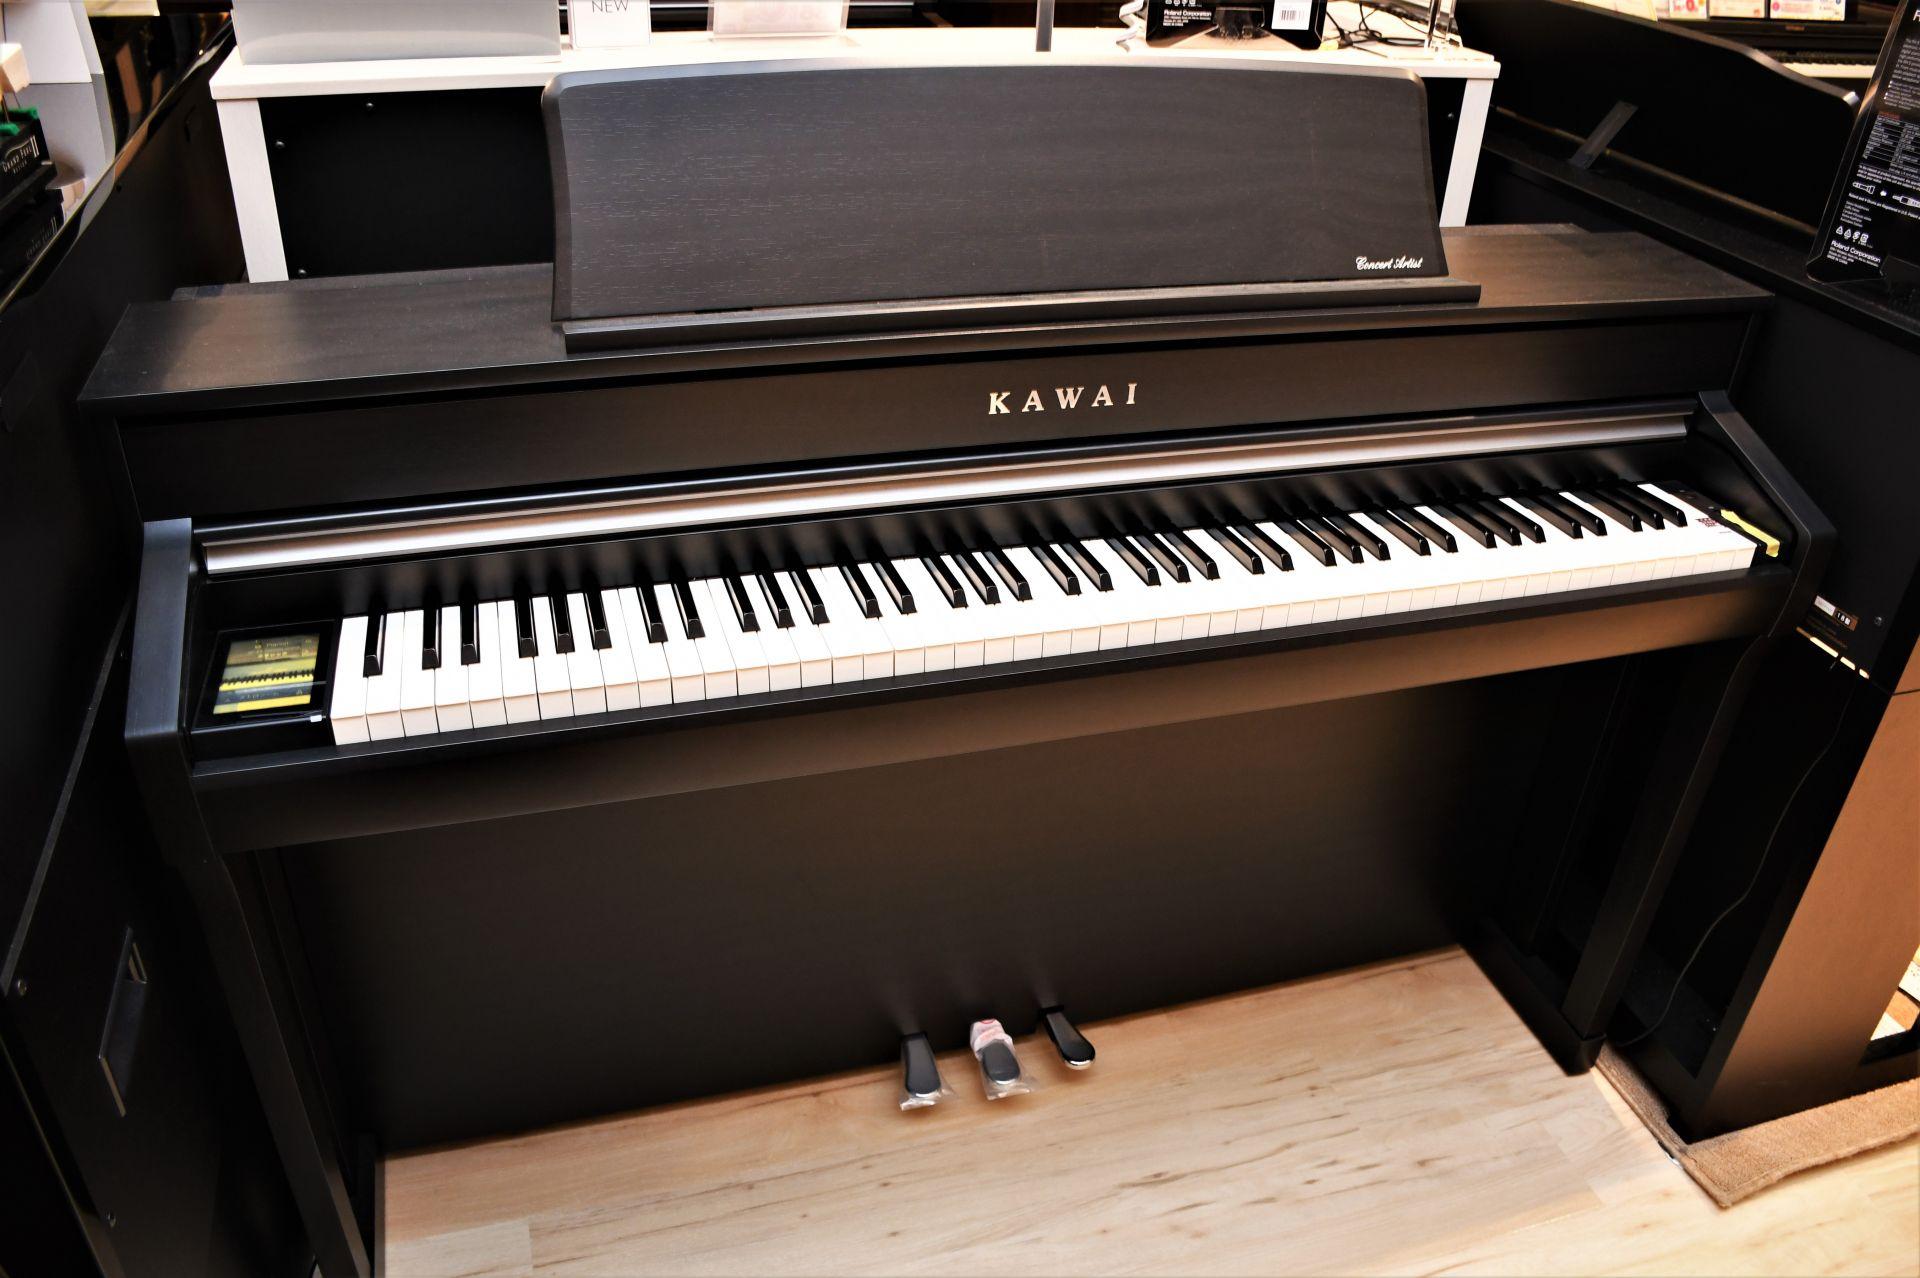 カワイ CA9800GP 島村楽器限定モデル